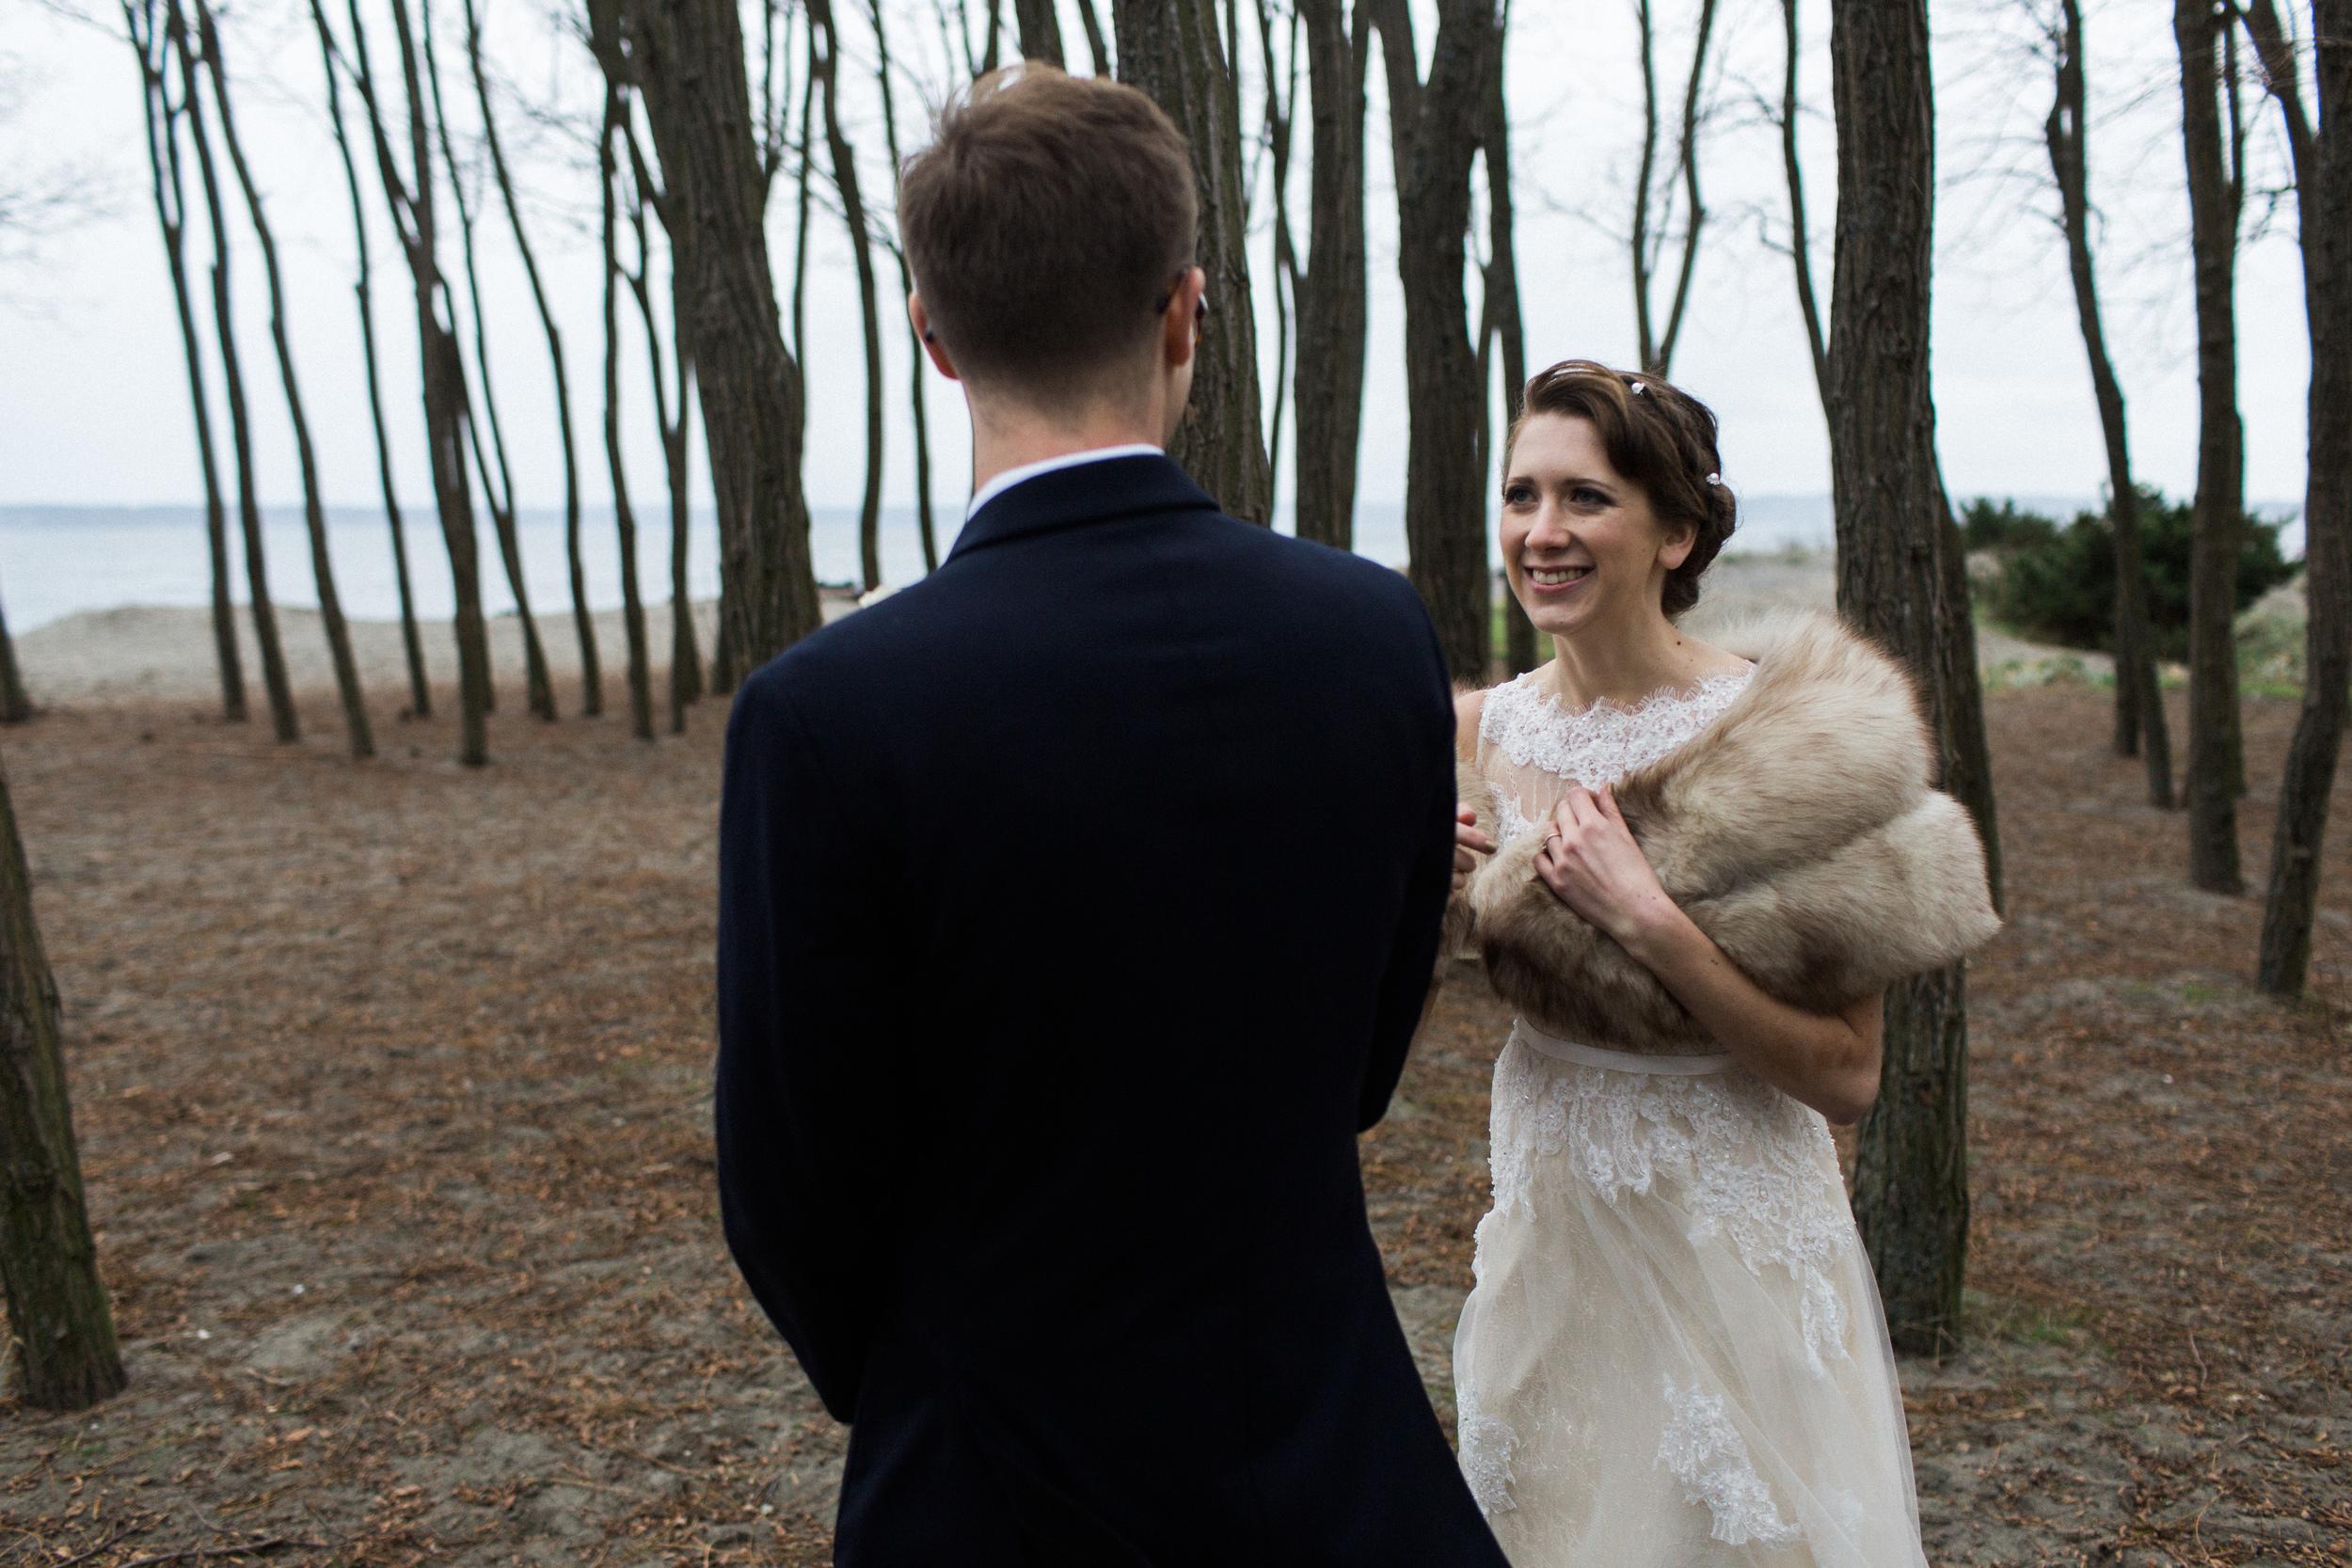 Ben_and_Casey_Krein_Wedding-22.jpg